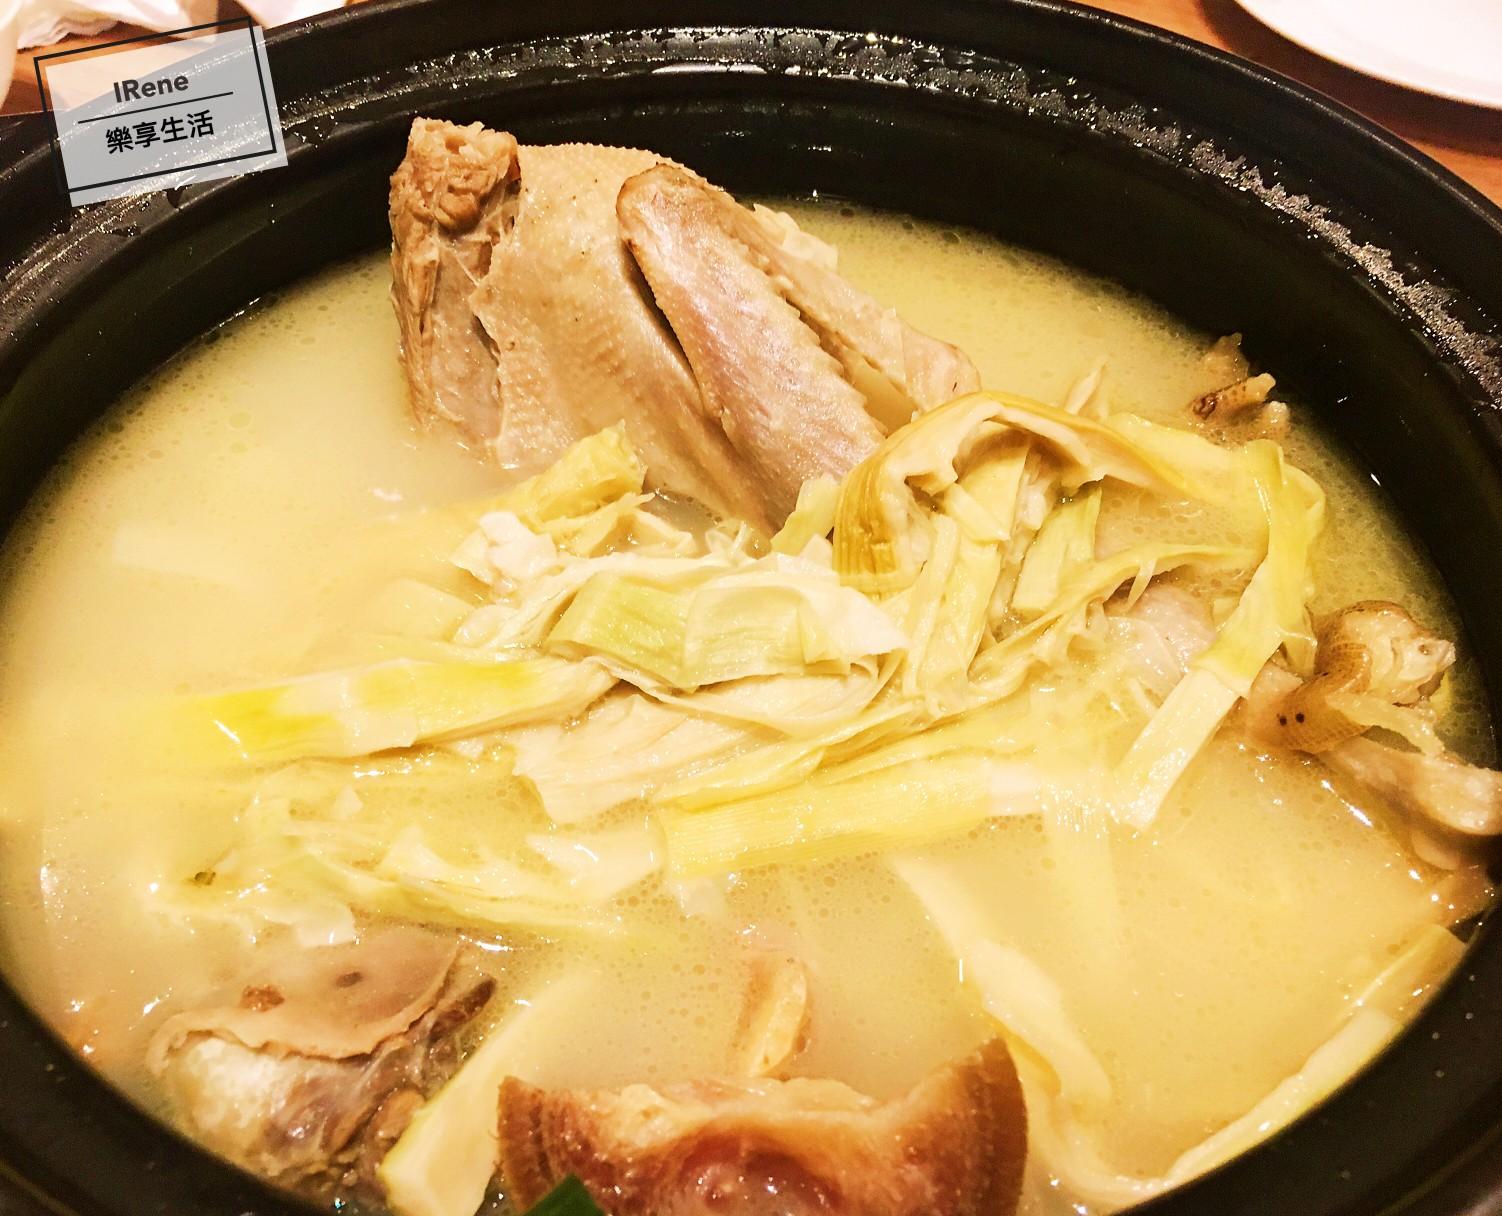 上海小南國餐廳推薦菜-老鴨火腿扁尖湯